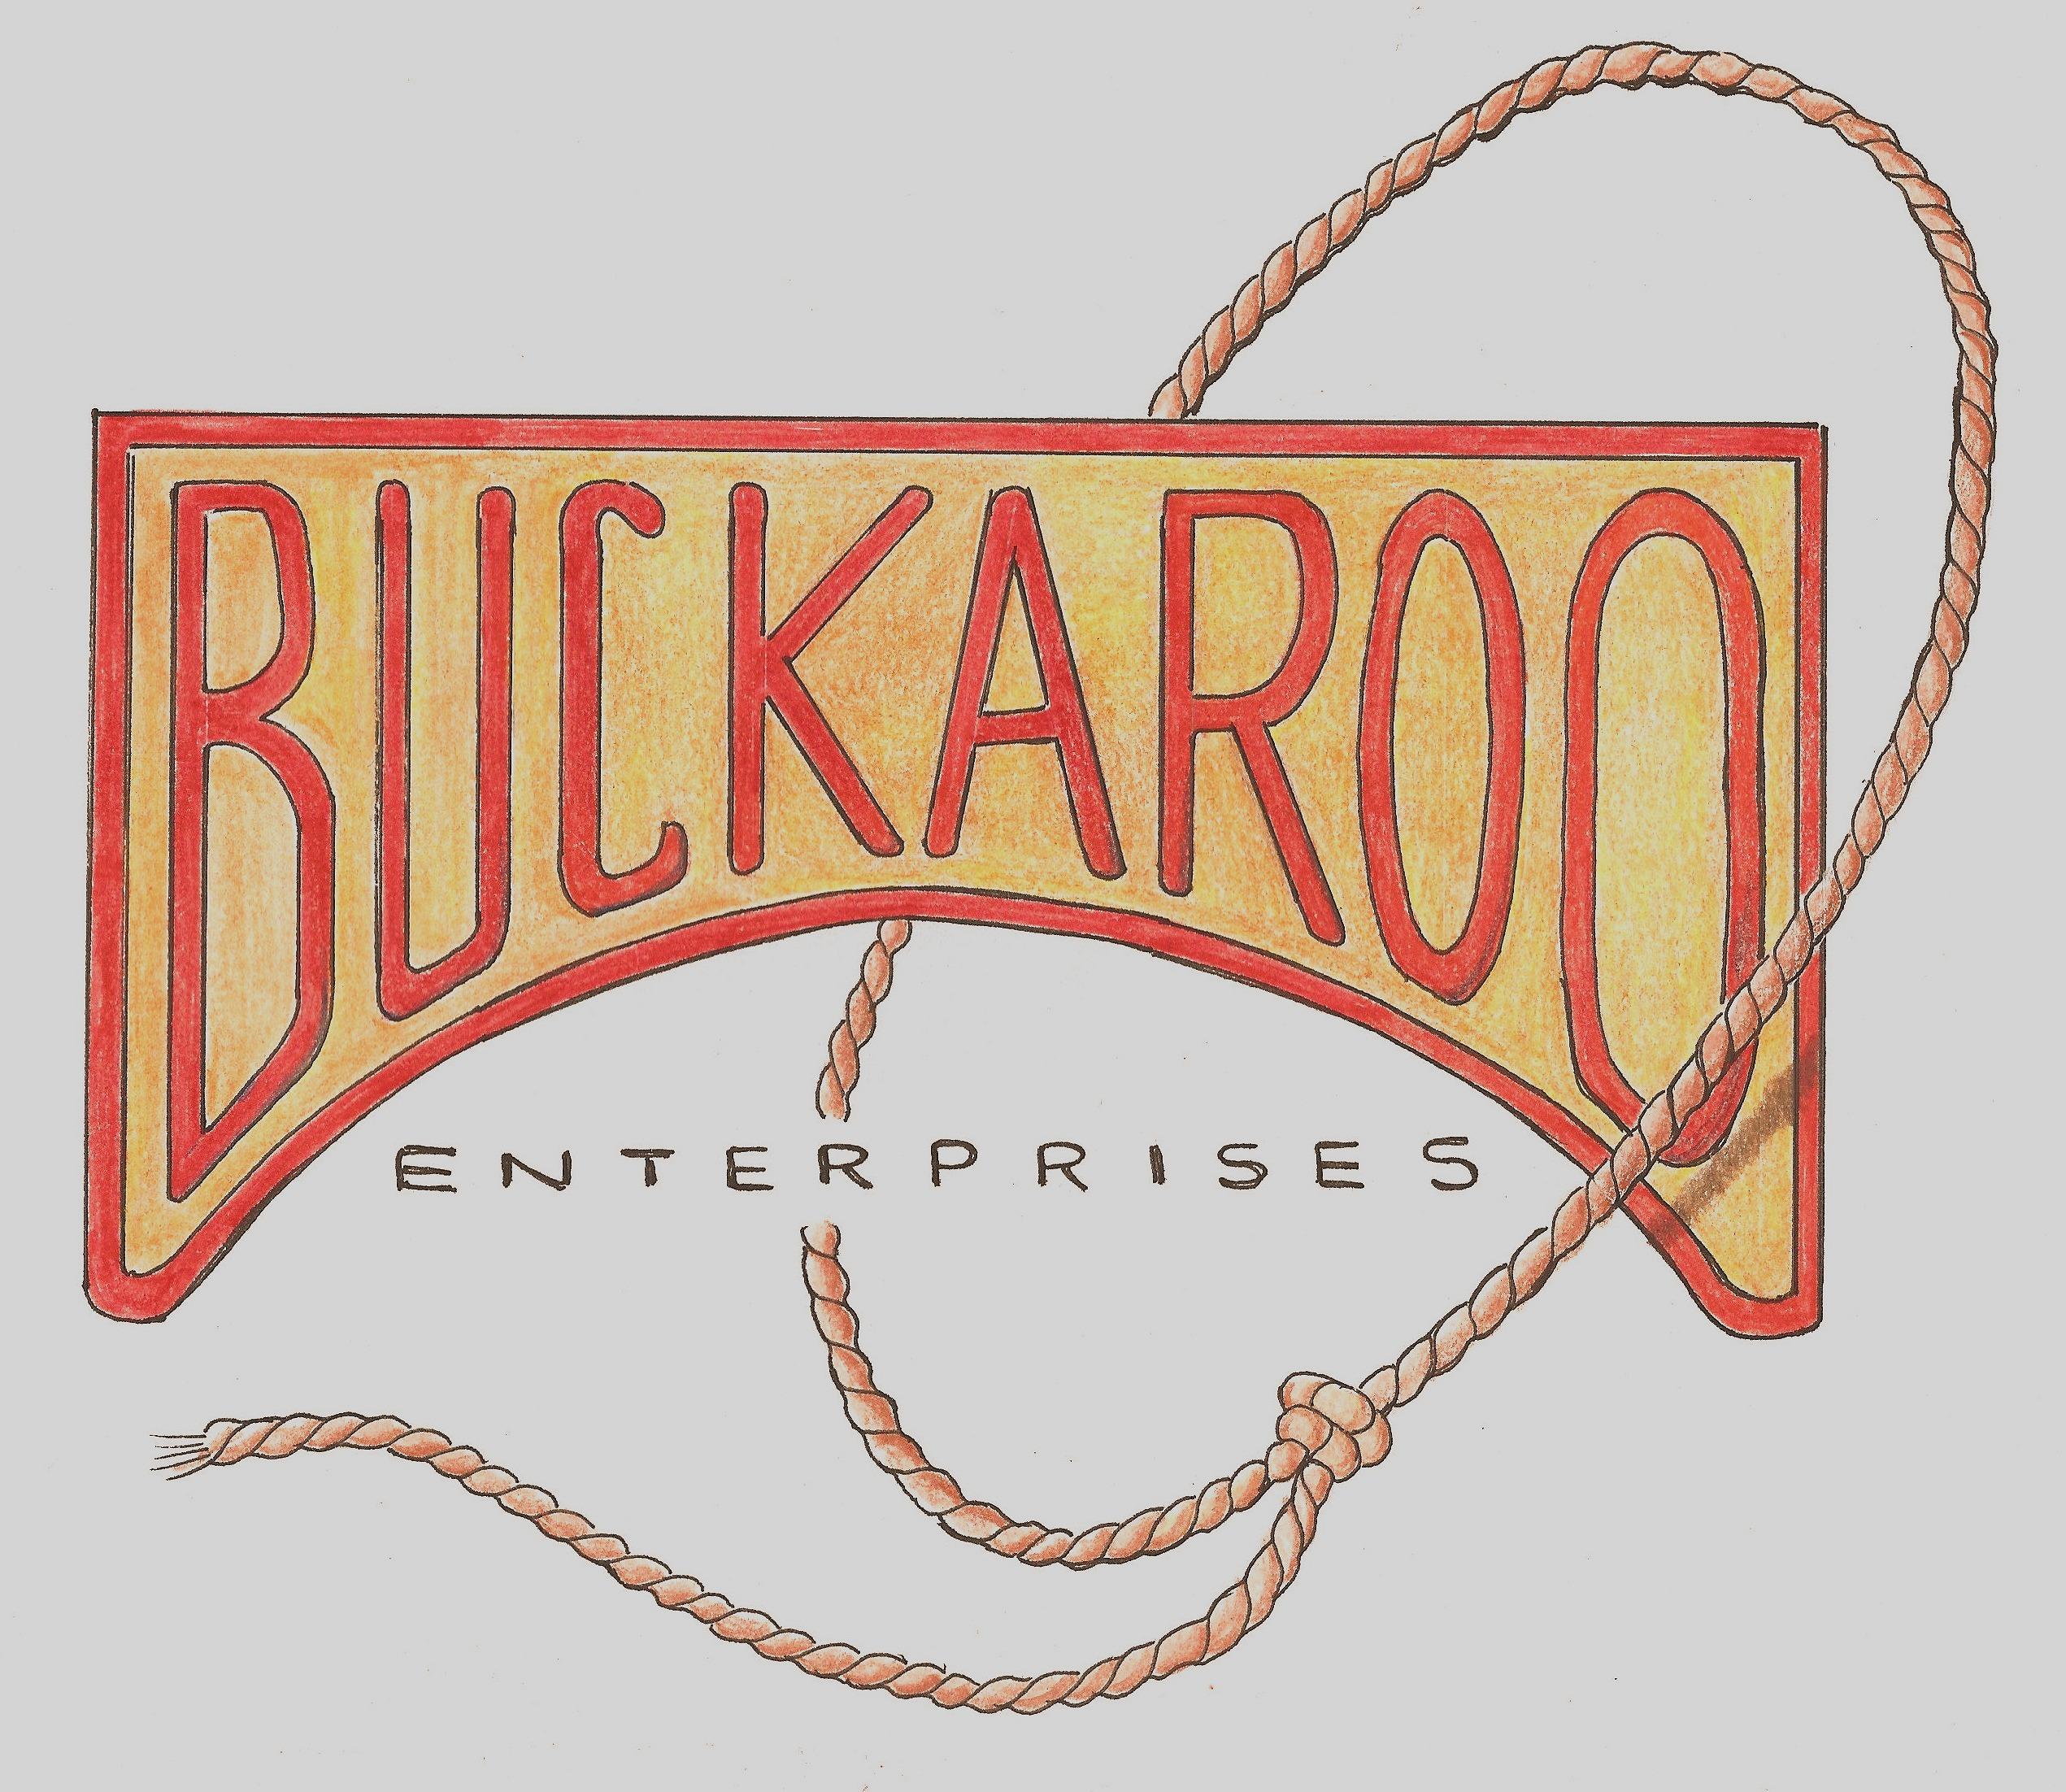 buckaroo logo_edited